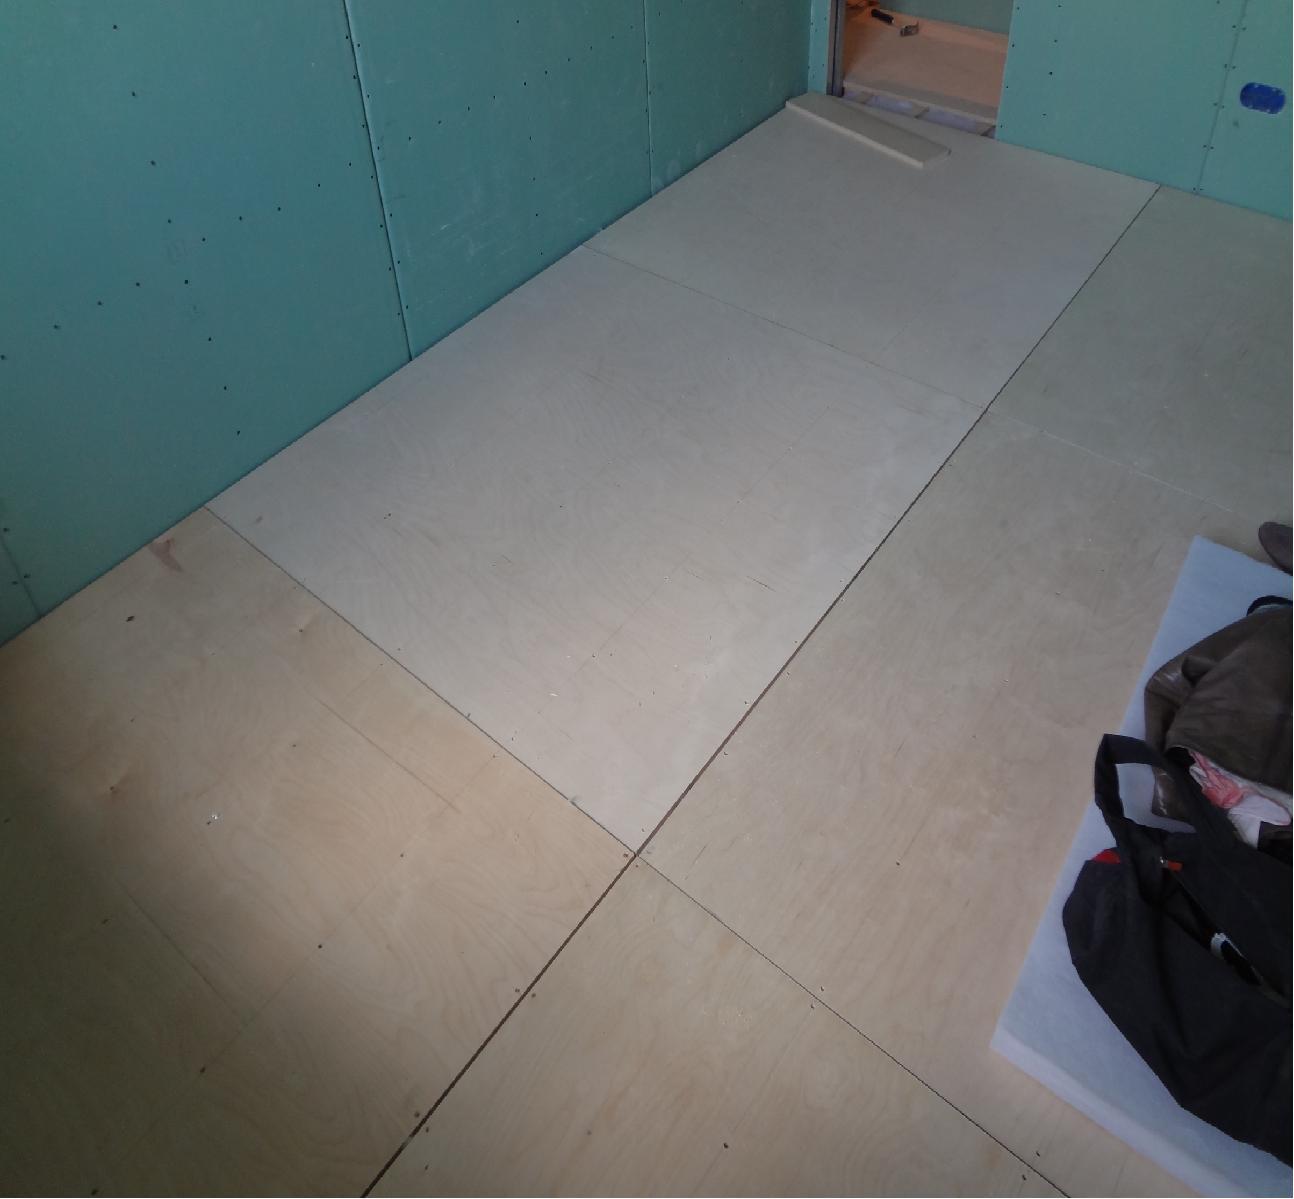 Звукоизоляция пола в квартире под линолеум своими руками